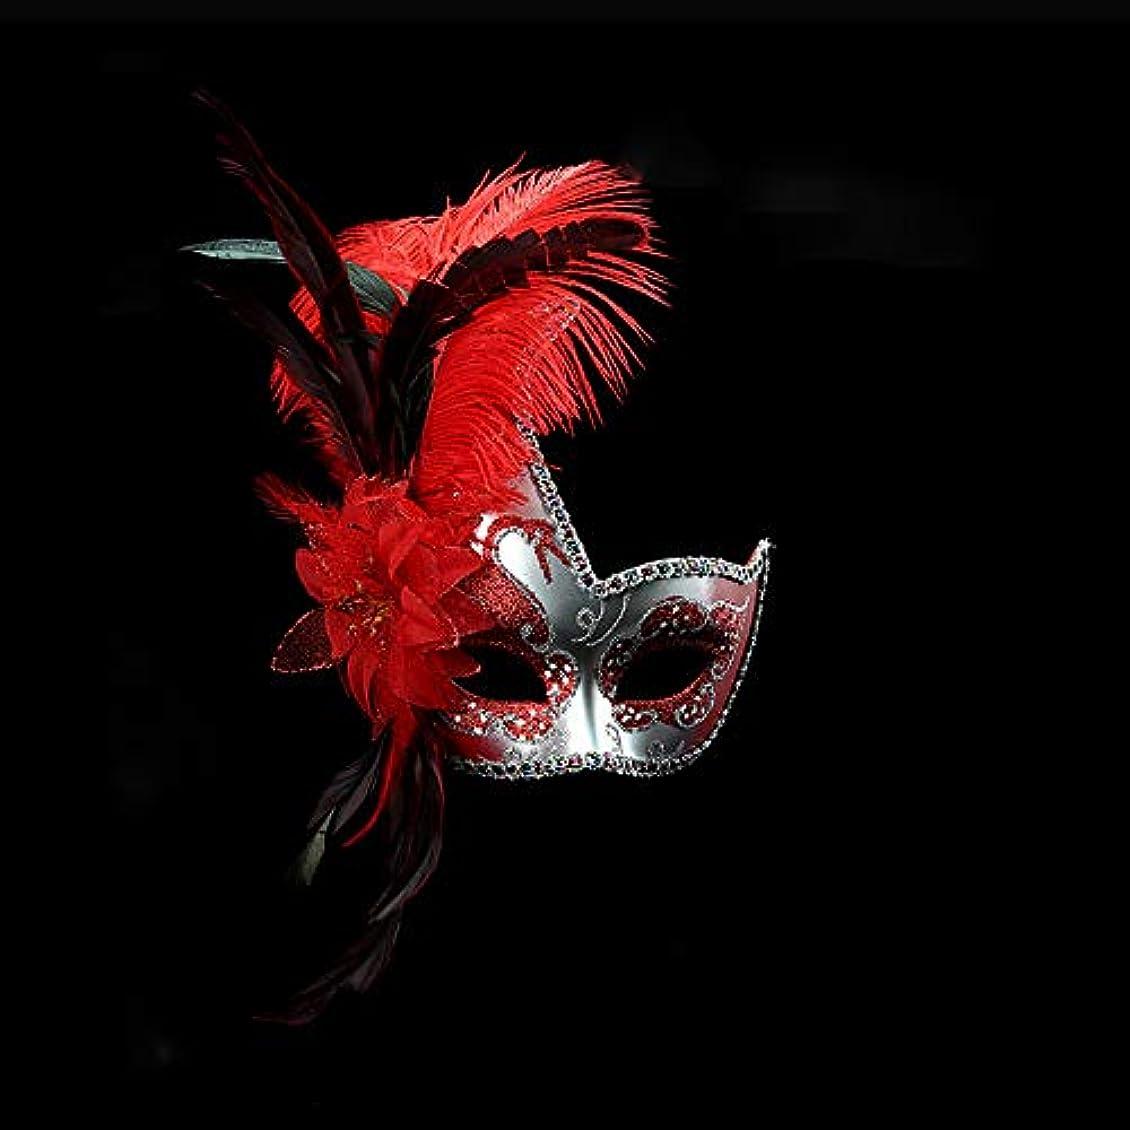 溶接静かに配分Nanle ハロウィンマスクハーフフェザーマスクベニスプリンセスマスク美容レース仮面ライダーコスプレ (色 : Red)